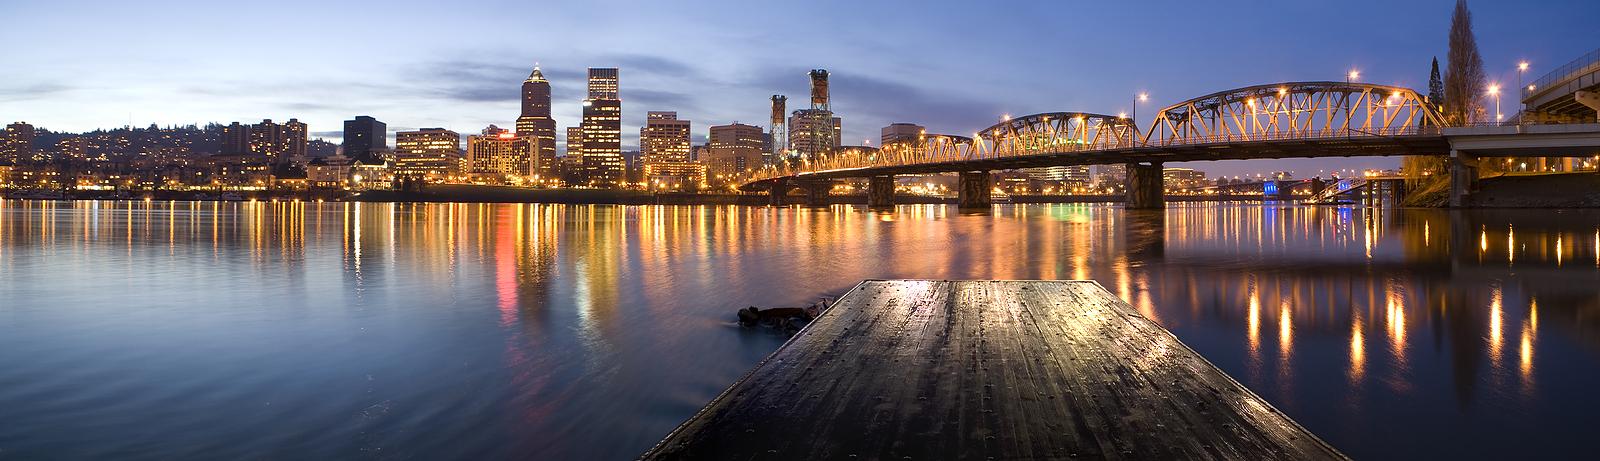 Best Car Insurance In Portland Oregon